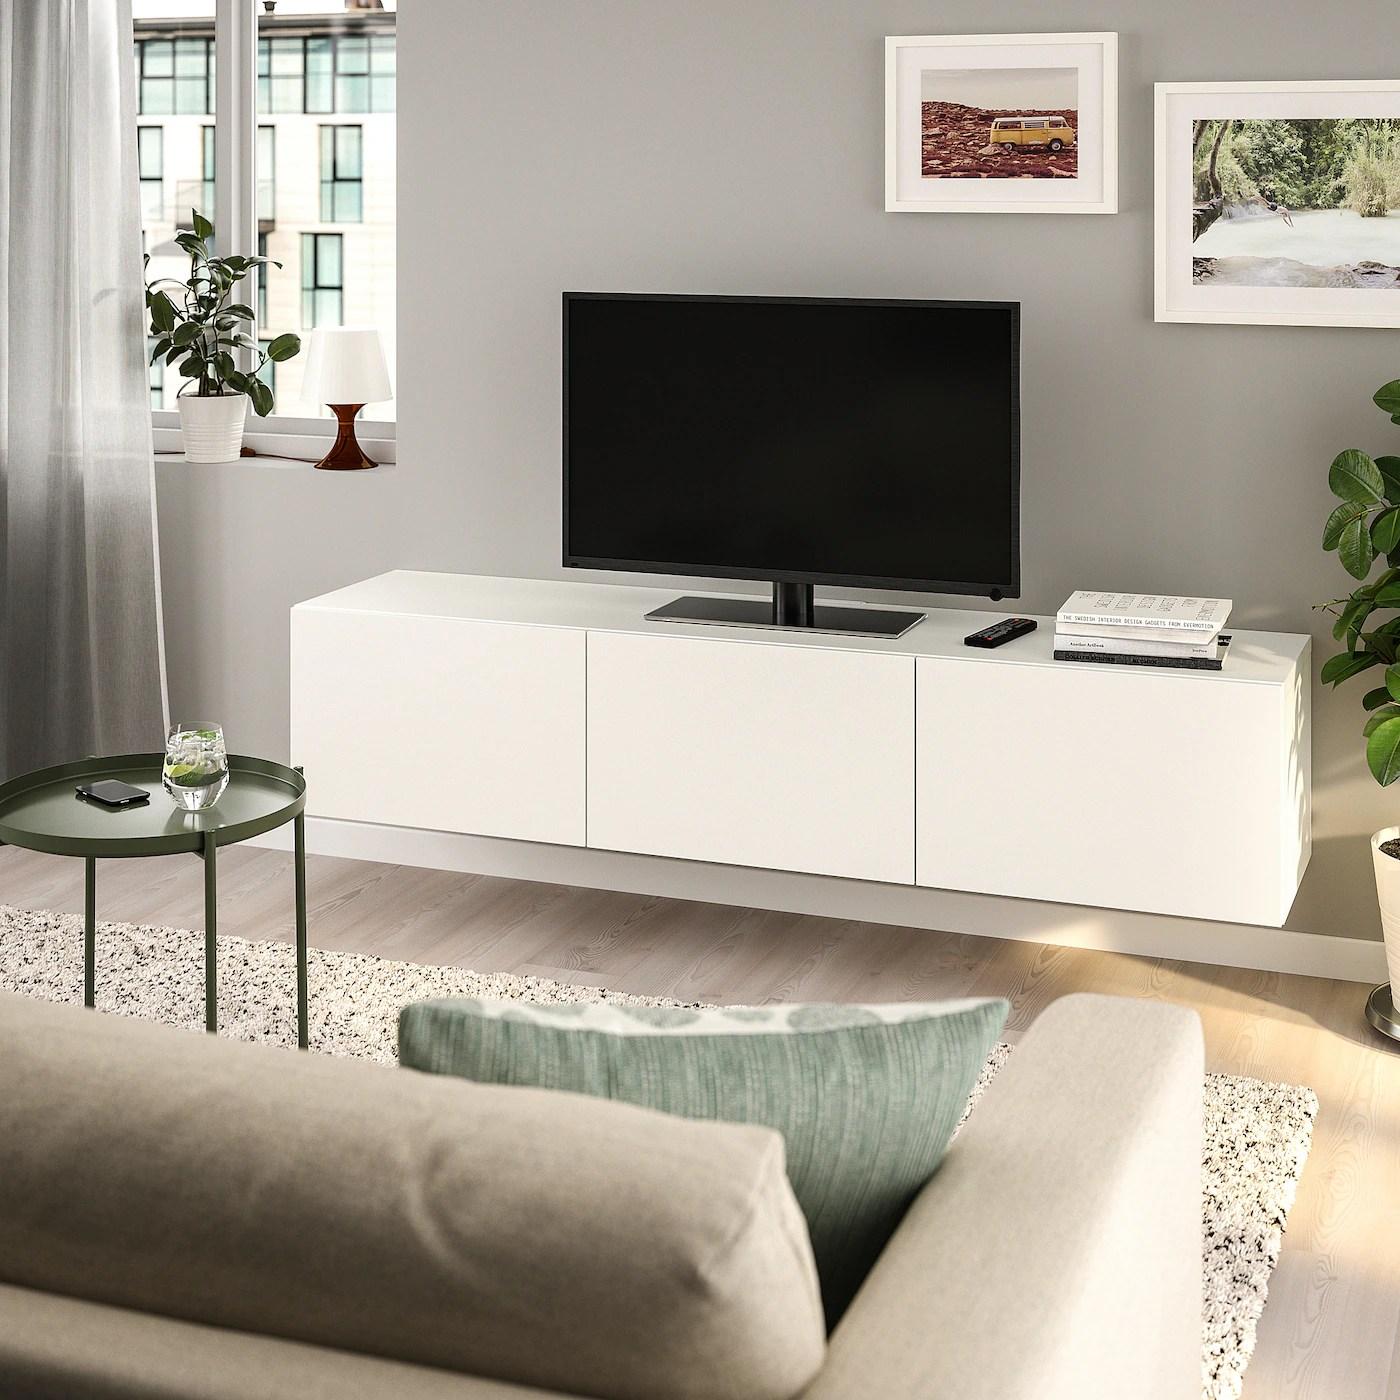 Mobili e mobiletto giorno ikea. Serie Besta Mobili Per Il Soggiorno Ikea It